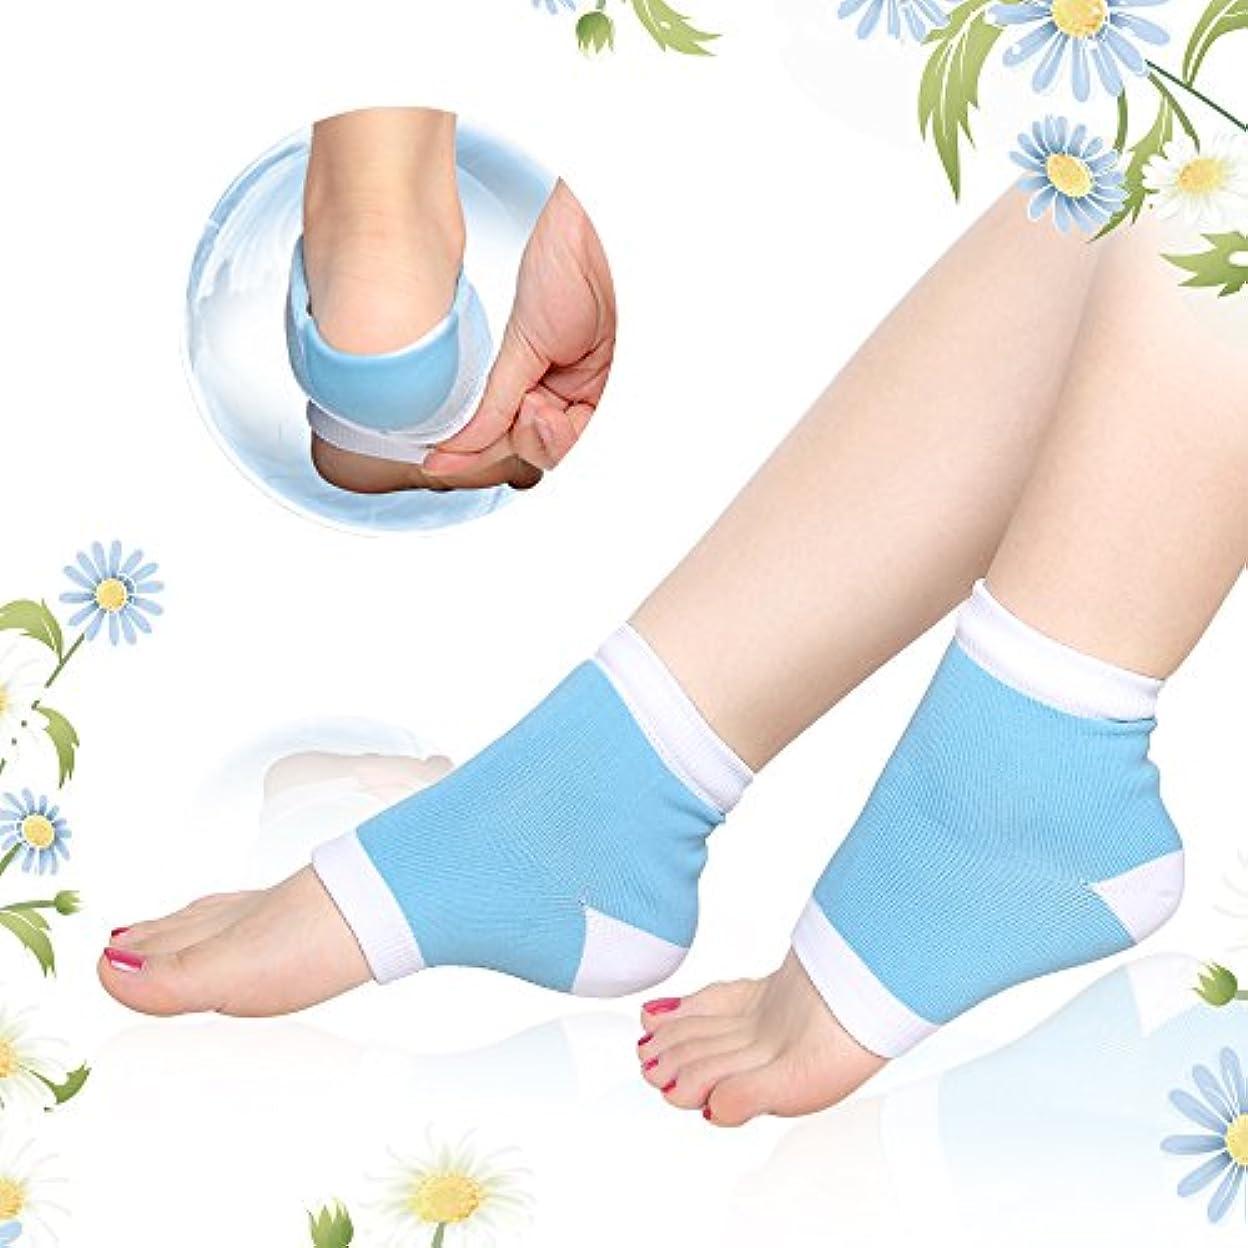 相対的支援するブランクかかとケア 靴下, ひび/角質ケア 保湿 ソックス うるおい 足首用サポーター フットケア グッズ ヨガソックス 左右セット フリーサイズ By Dr.Orem